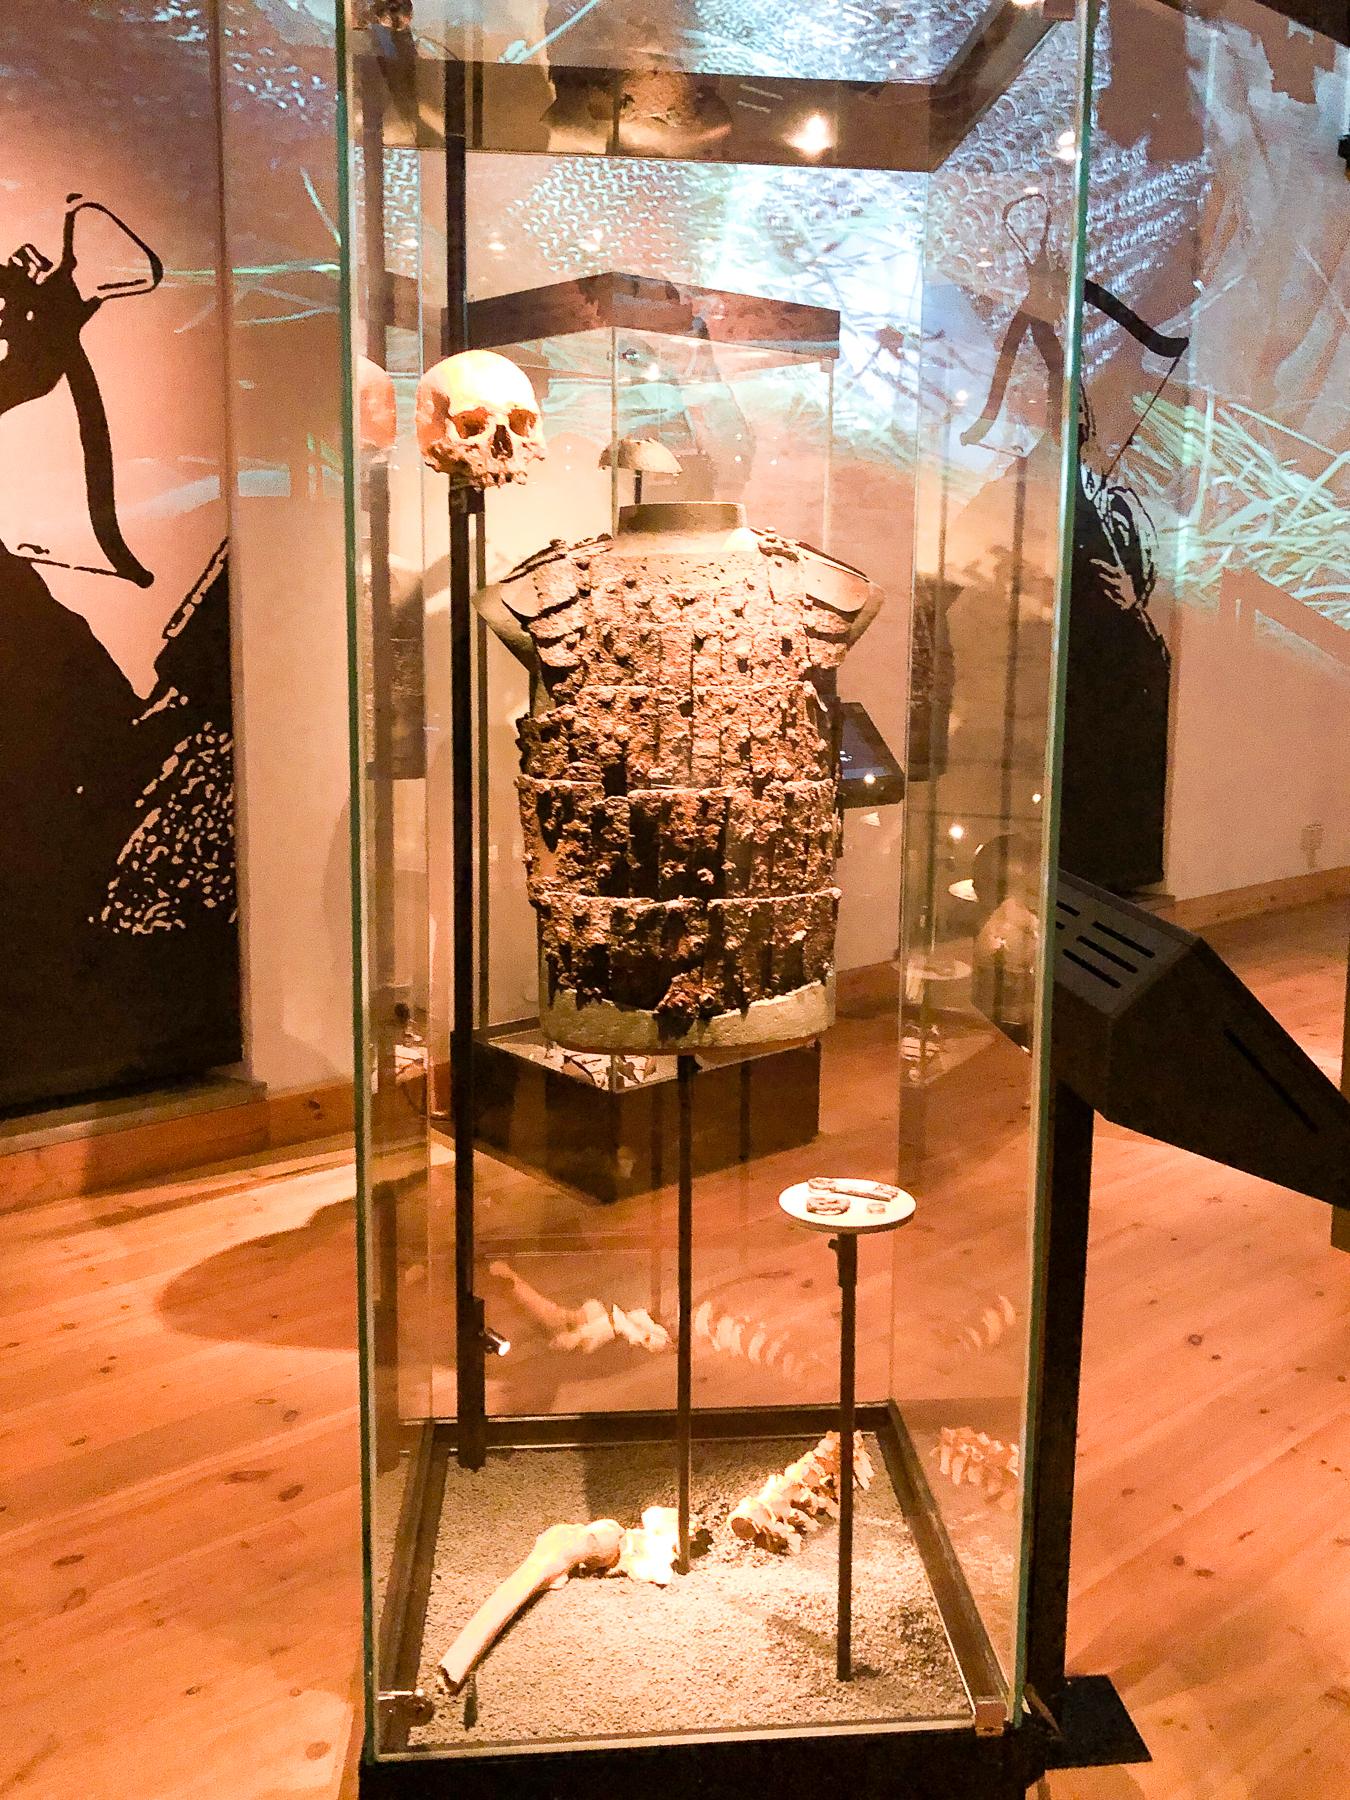 rustning och döskalle på historiska museet i stockholm.